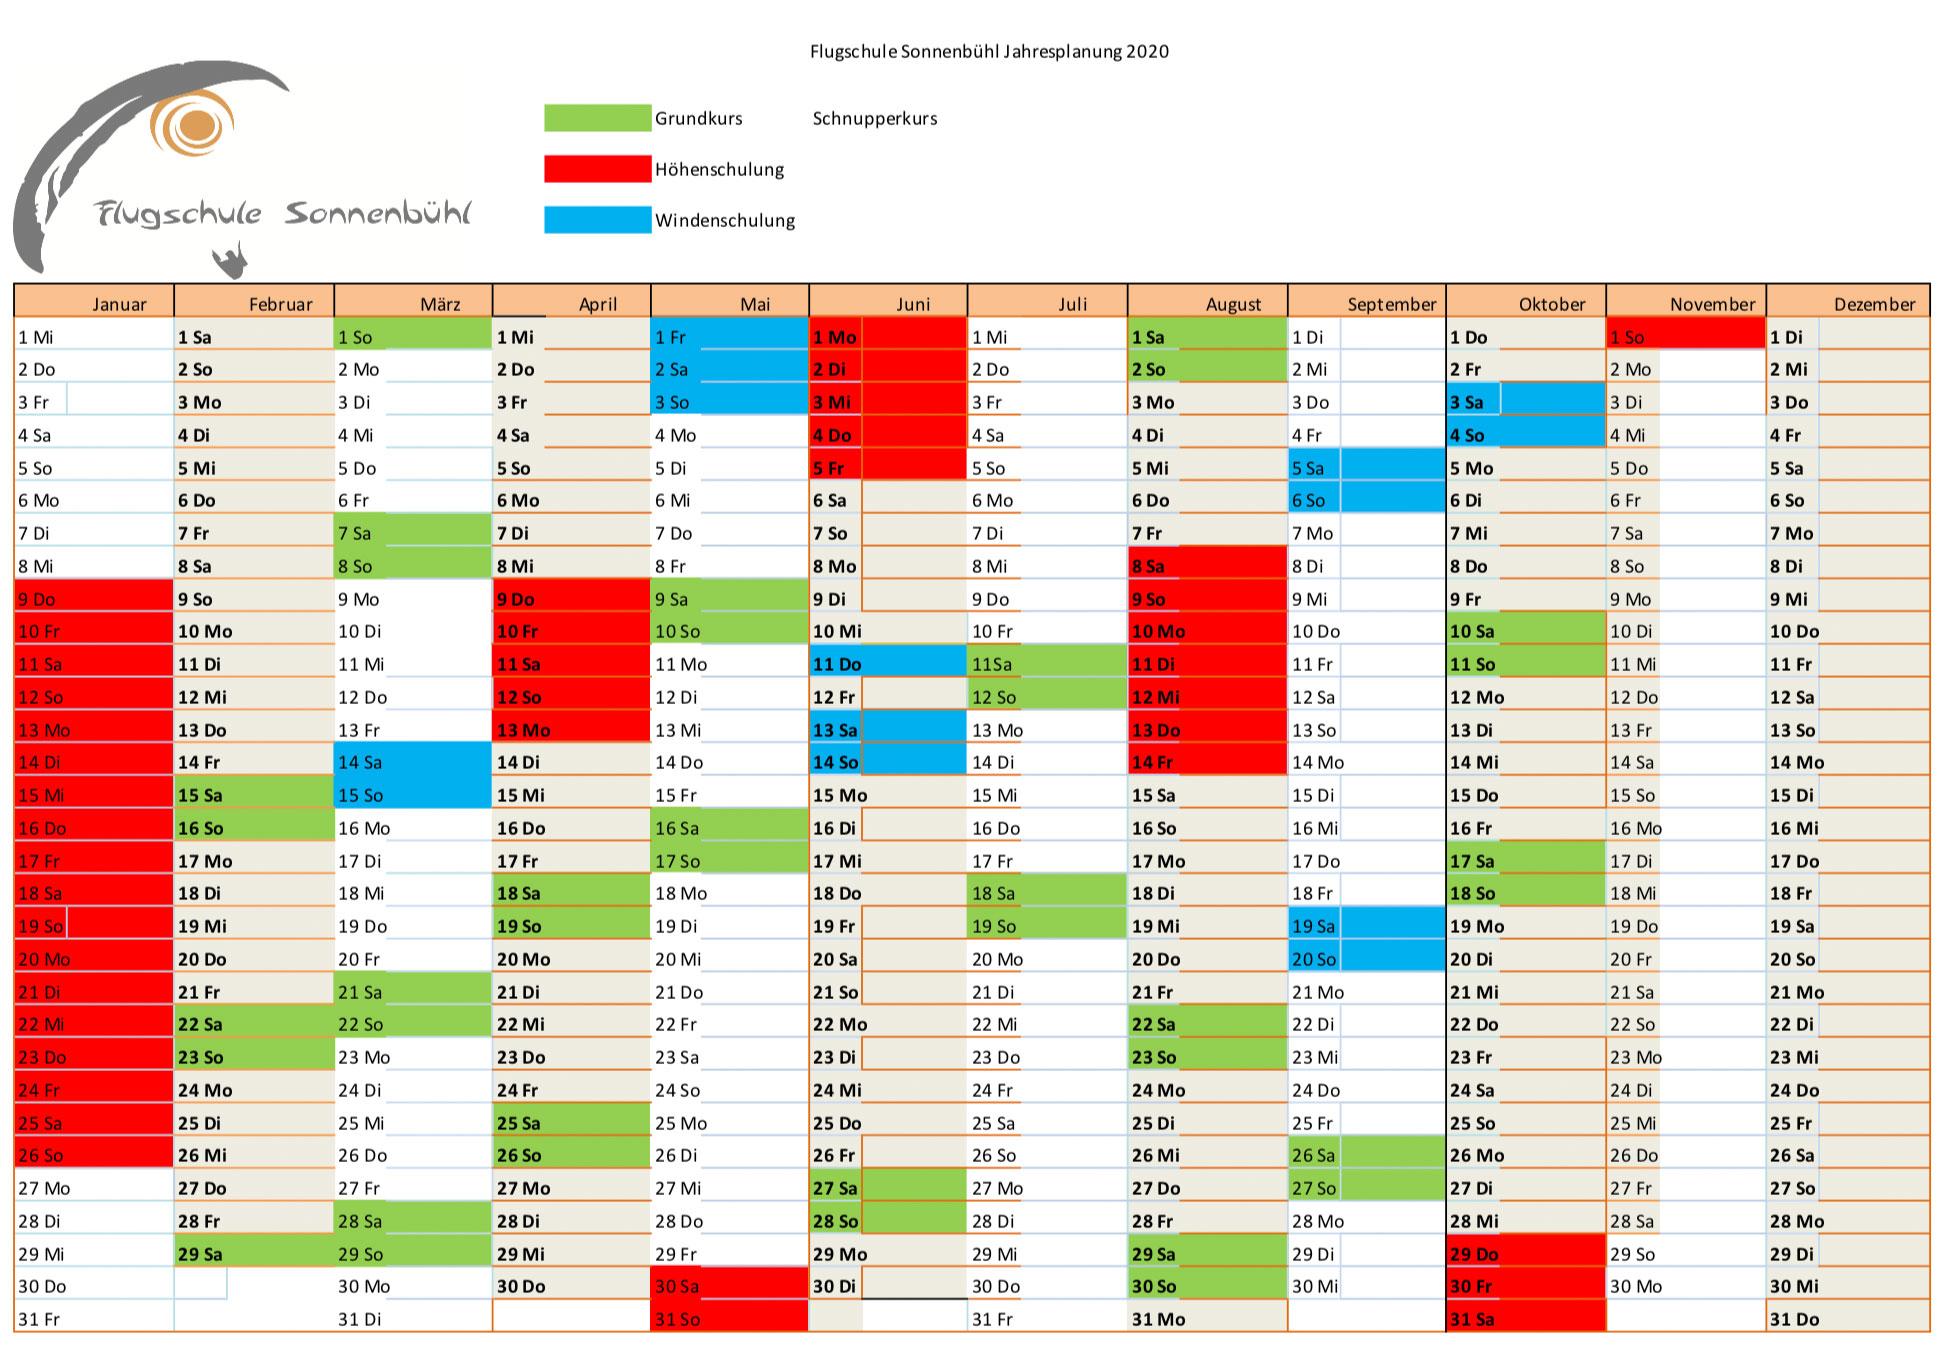 FS-Sonnenbuehl-Jahresplan-2020